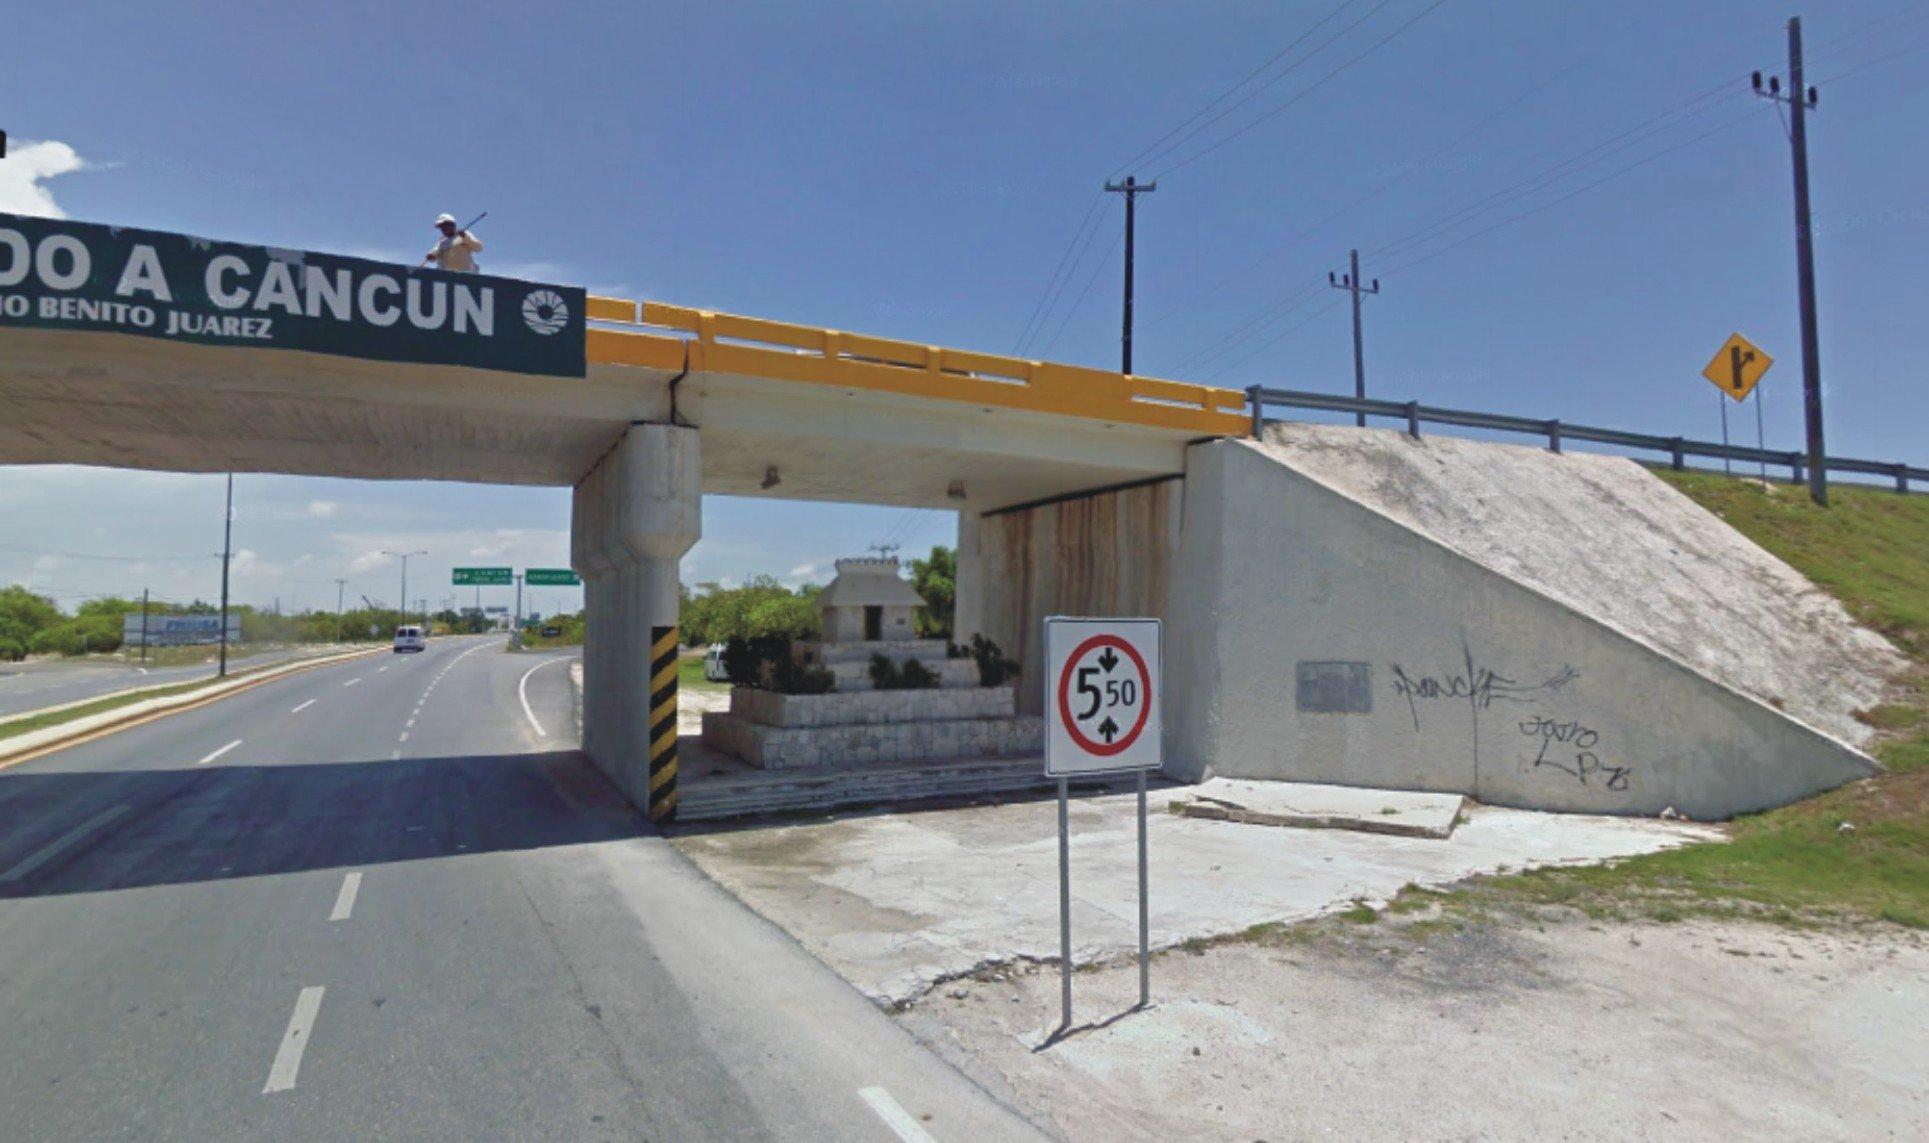 Leyenda del Puente del Aeropuerto de Cancún